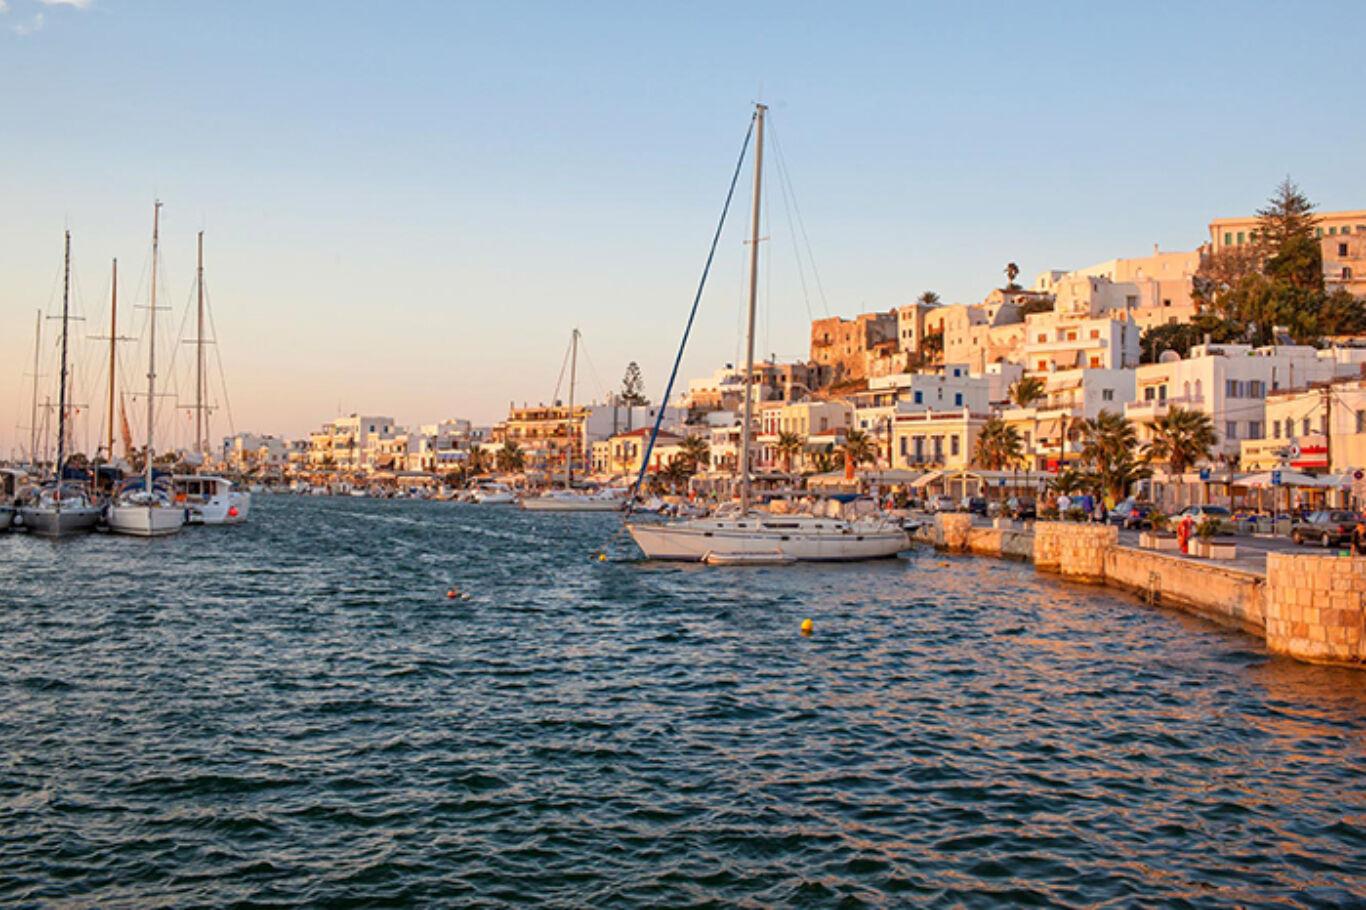 City of Drz Naxos 1727